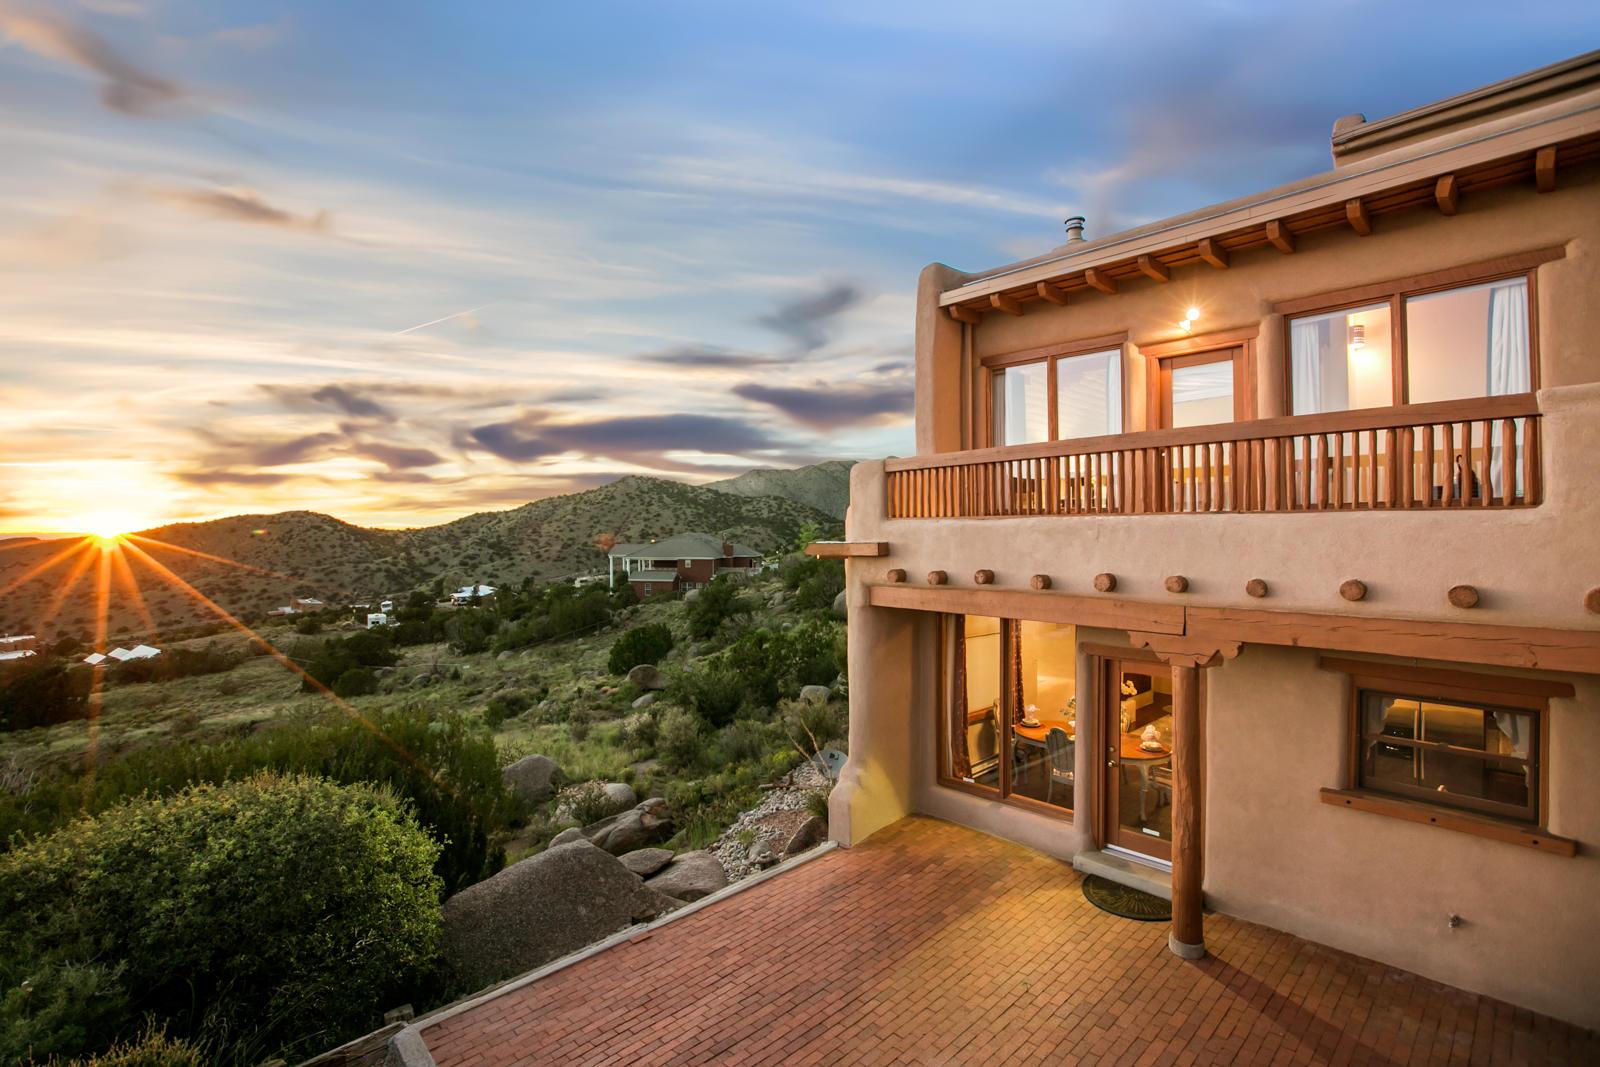 1109 La Luz,Albuquerque,New Mexico,United States 87122,3 Bedrooms Bedrooms,3 BathroomsBathrooms,Residential,La Luz,927221